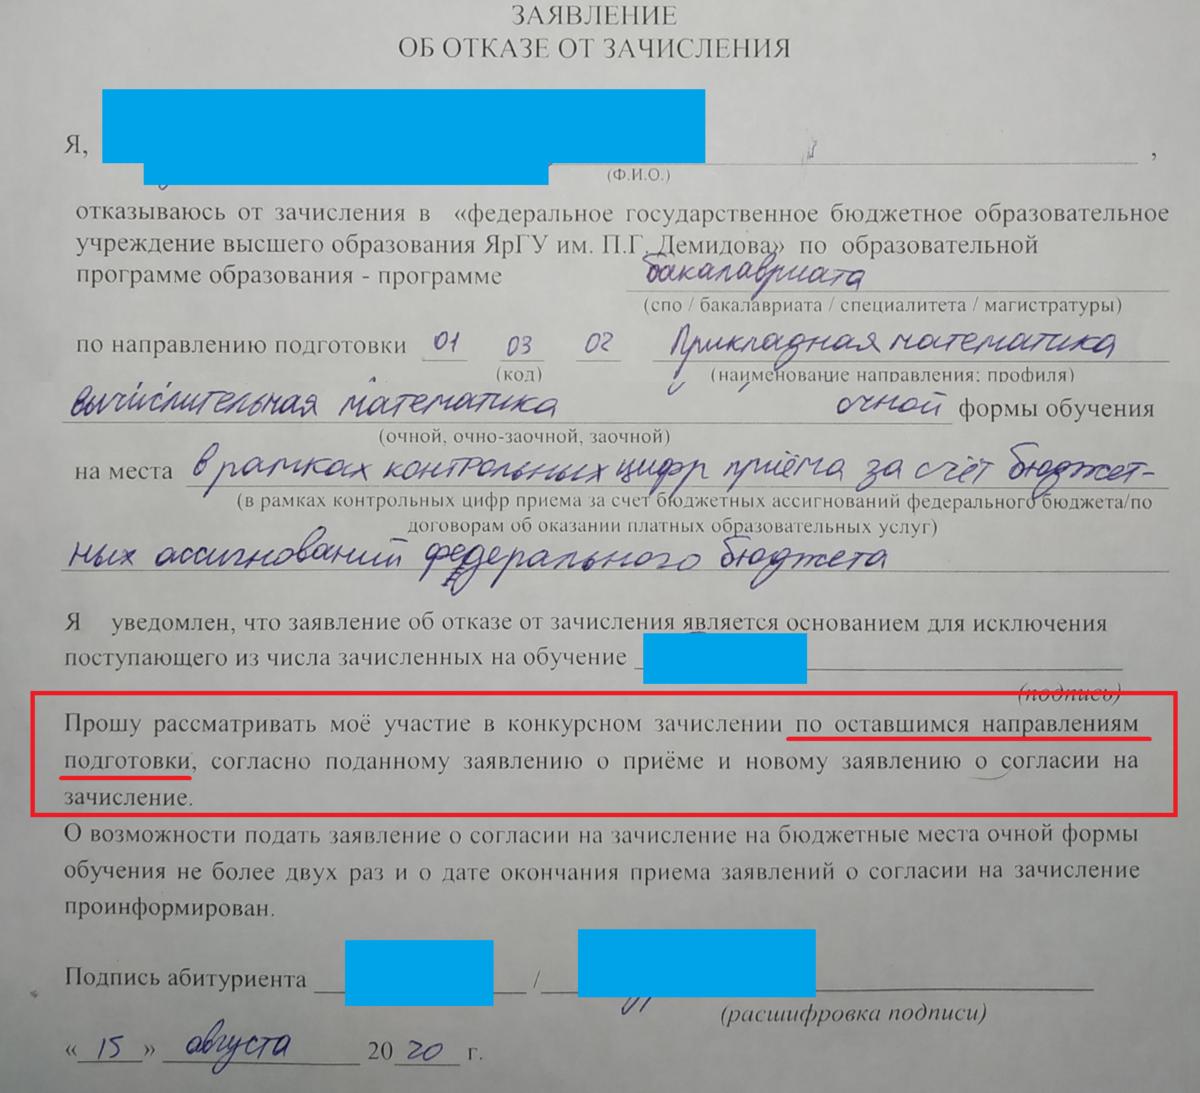 Правила заполнения бланка заявления